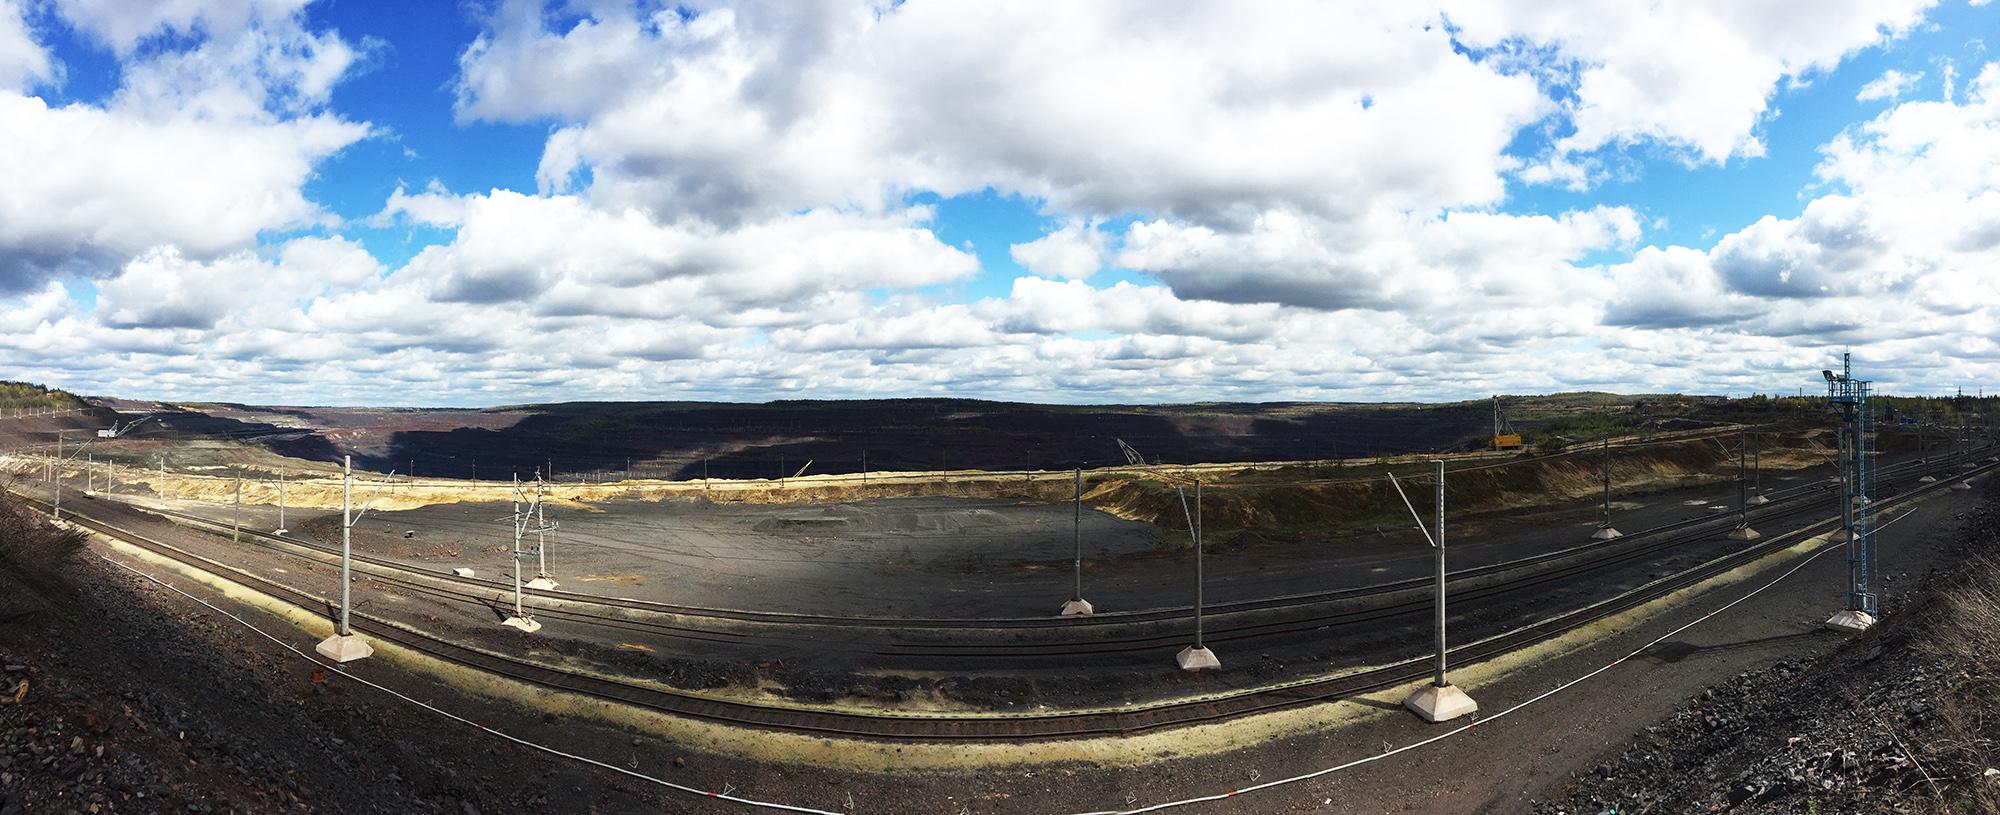 Михайловское месторождение, вокруг которого вырос молодой Железногорск, разрабатывается с 1960 г. Градообразующее предприятие — Михайловский горнообогатительный комбинат. Общие запасы руды — 11 млрд тонн.